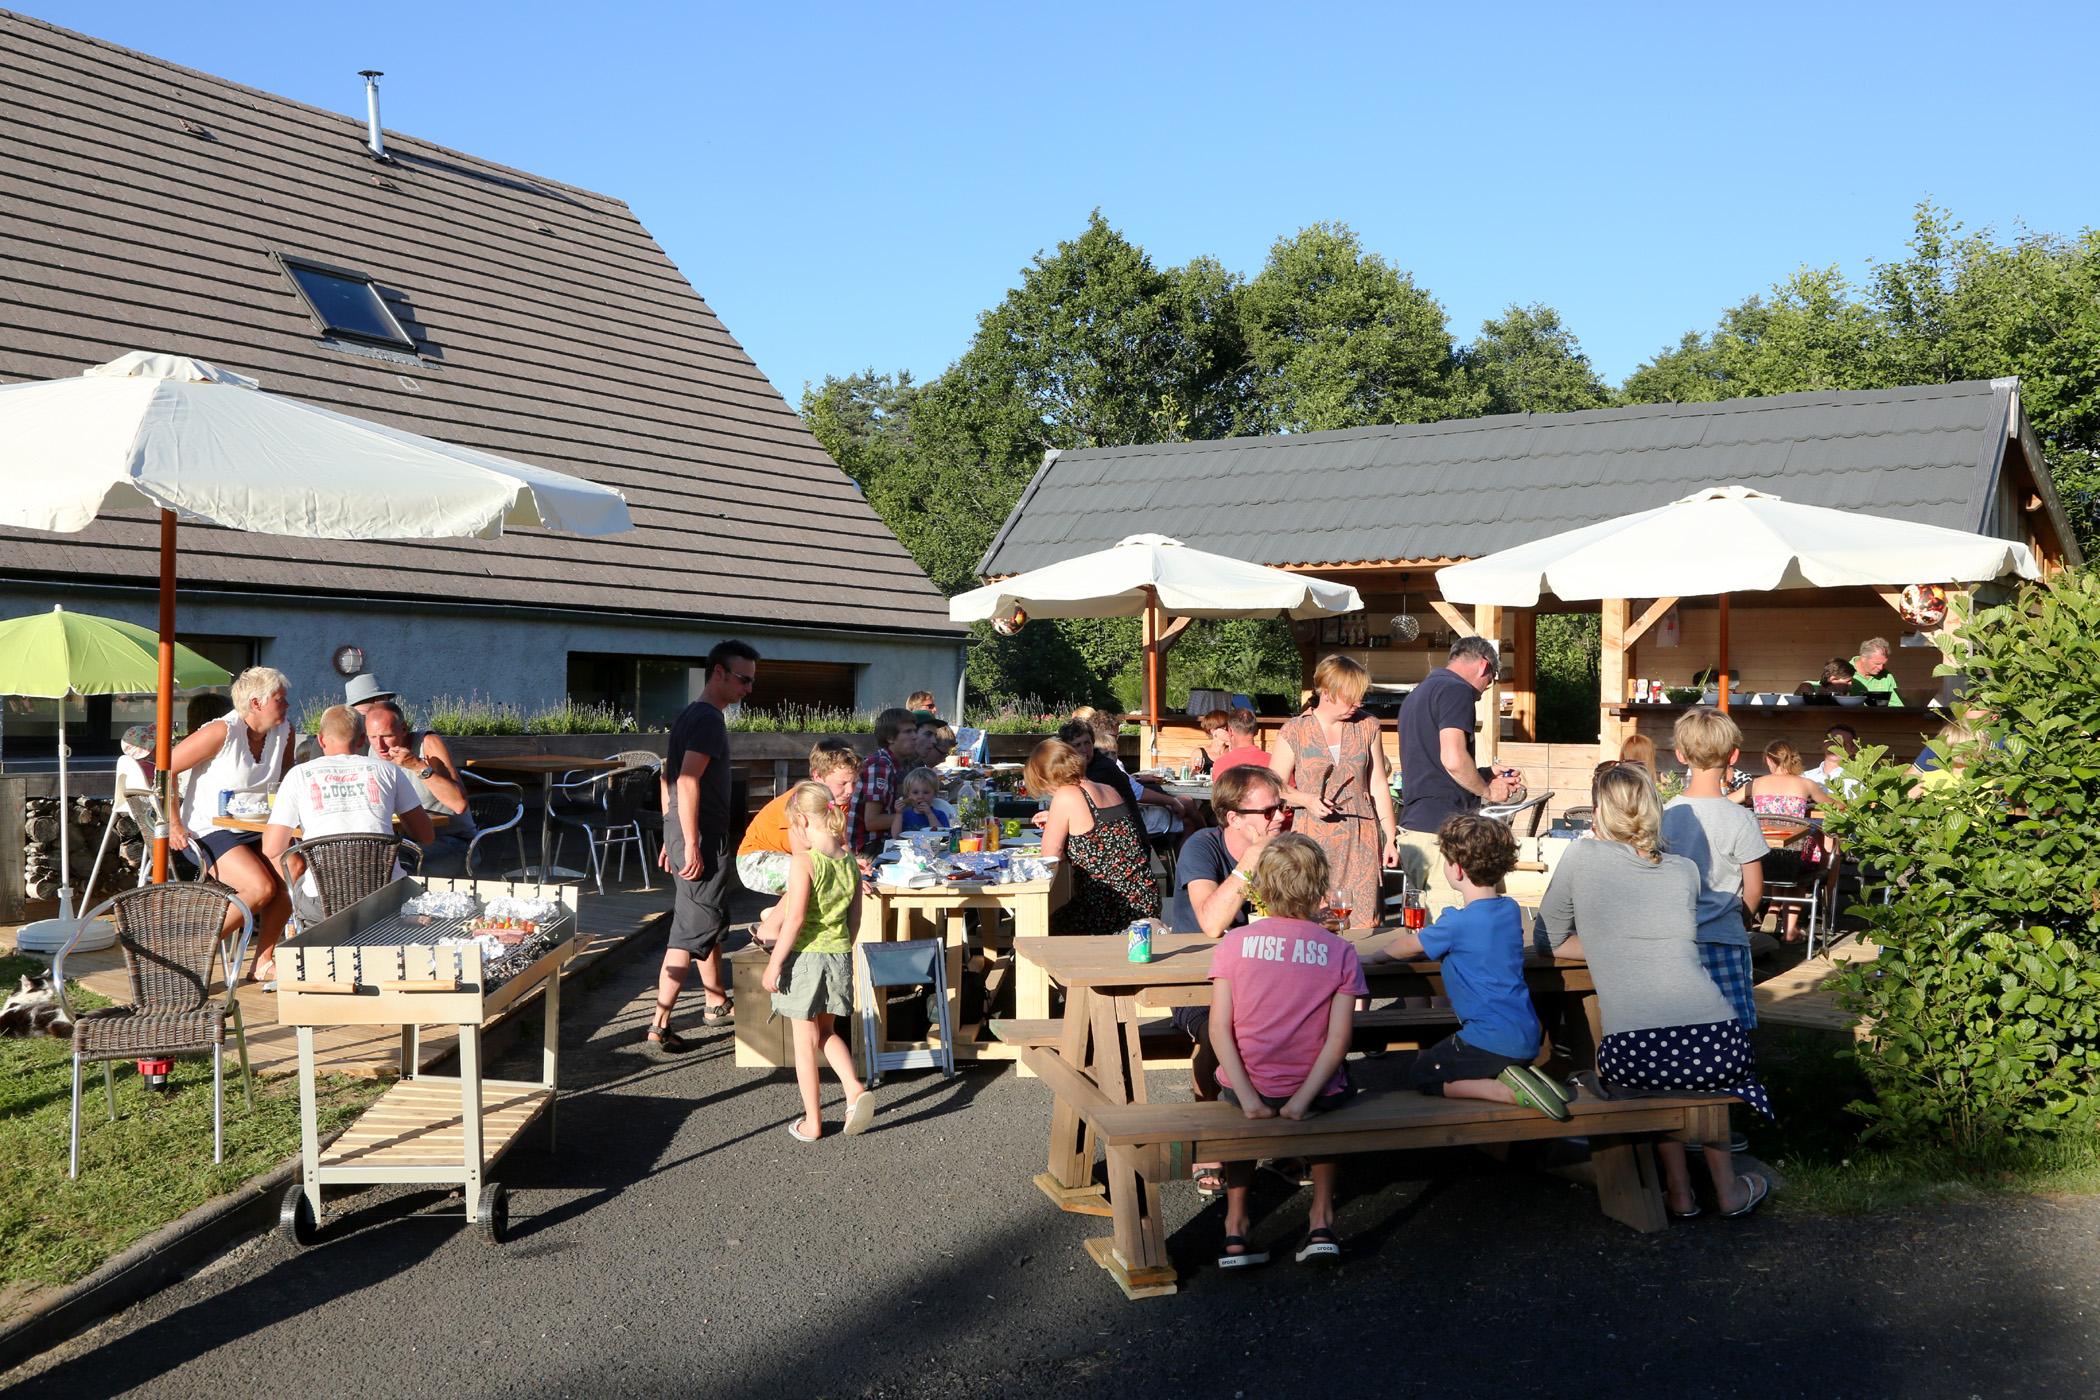 Familiecamping la chauderie in de auvergne frankrijk - Foto van het terras ...